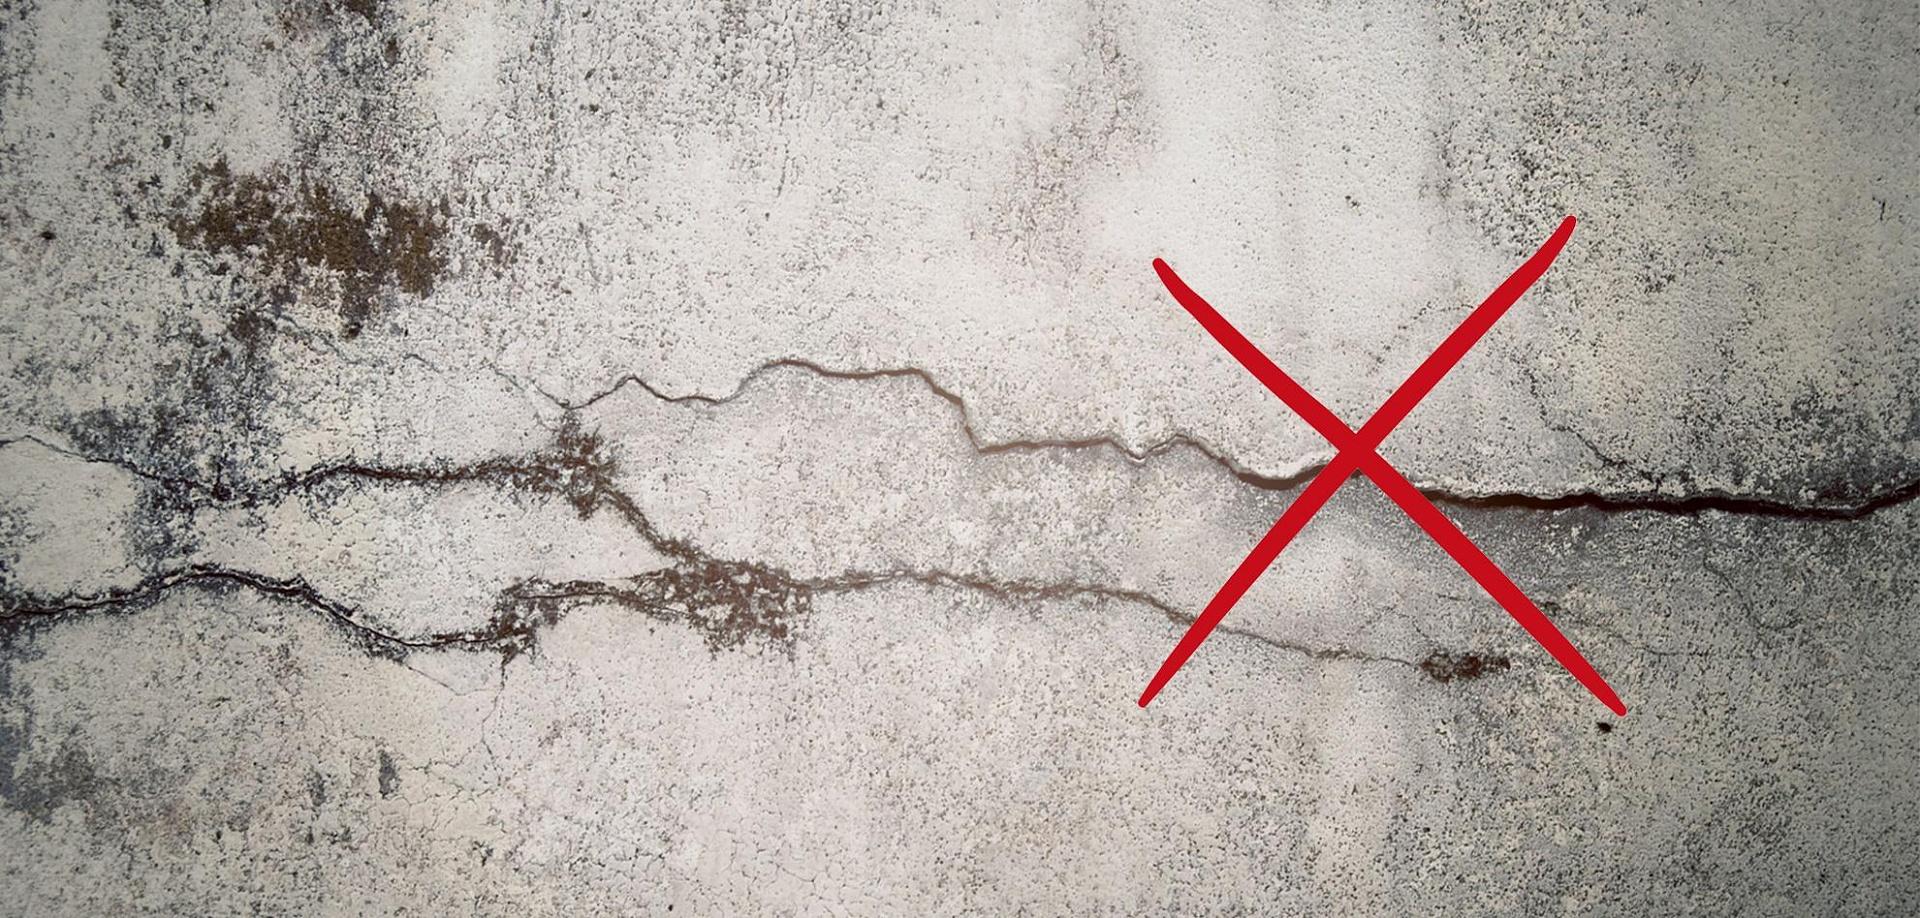 Кто купит бетон в московской области глубинный вибратор для бетона купить в ижевске